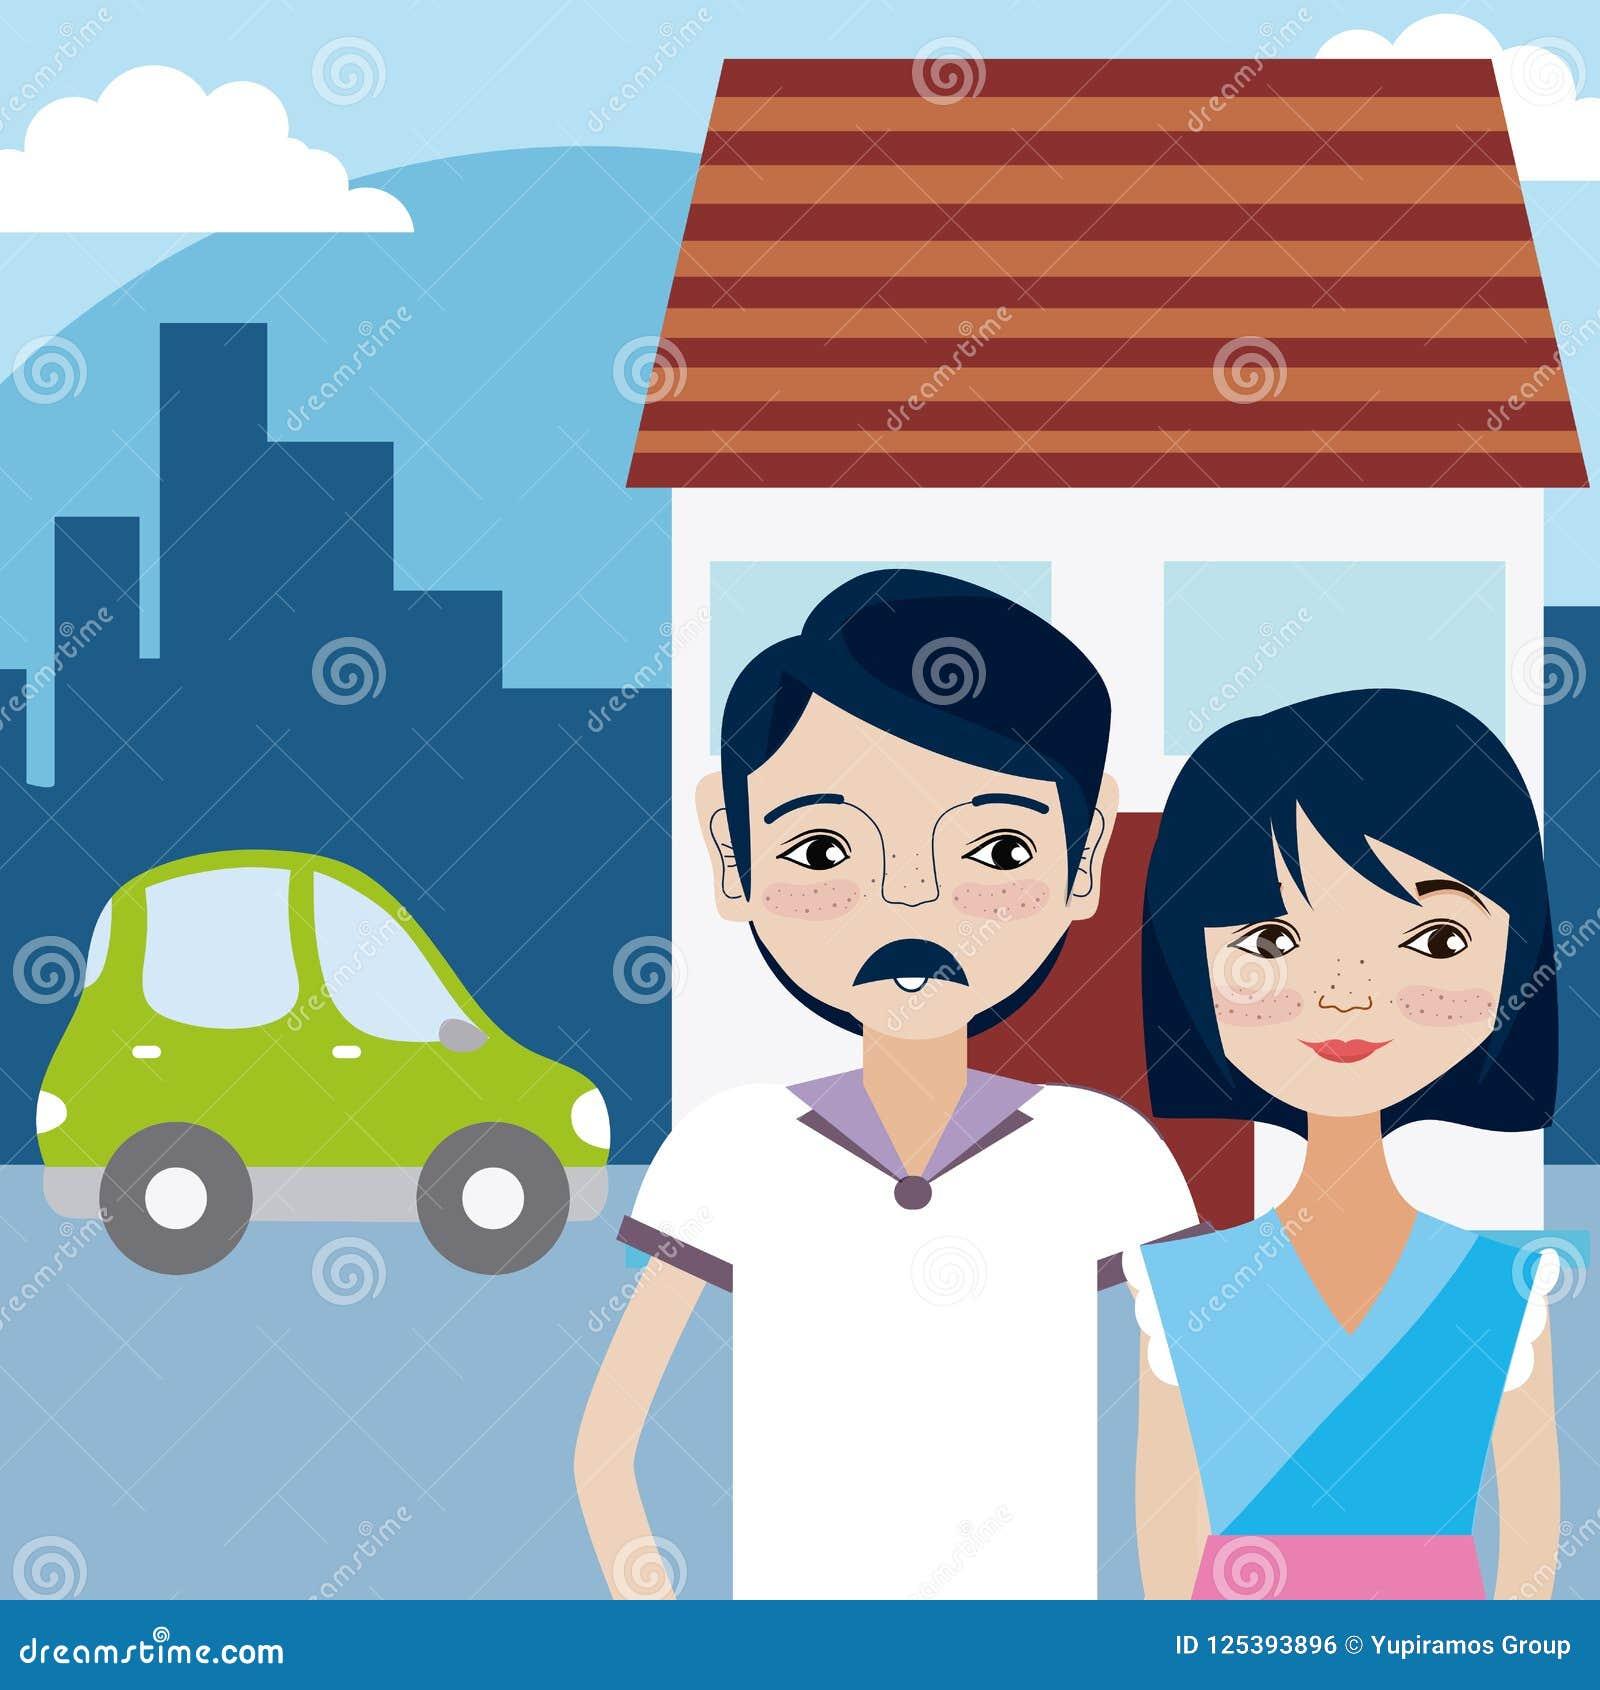 Cute Couple Cartoon Stock Vector Illustration Of Illustration